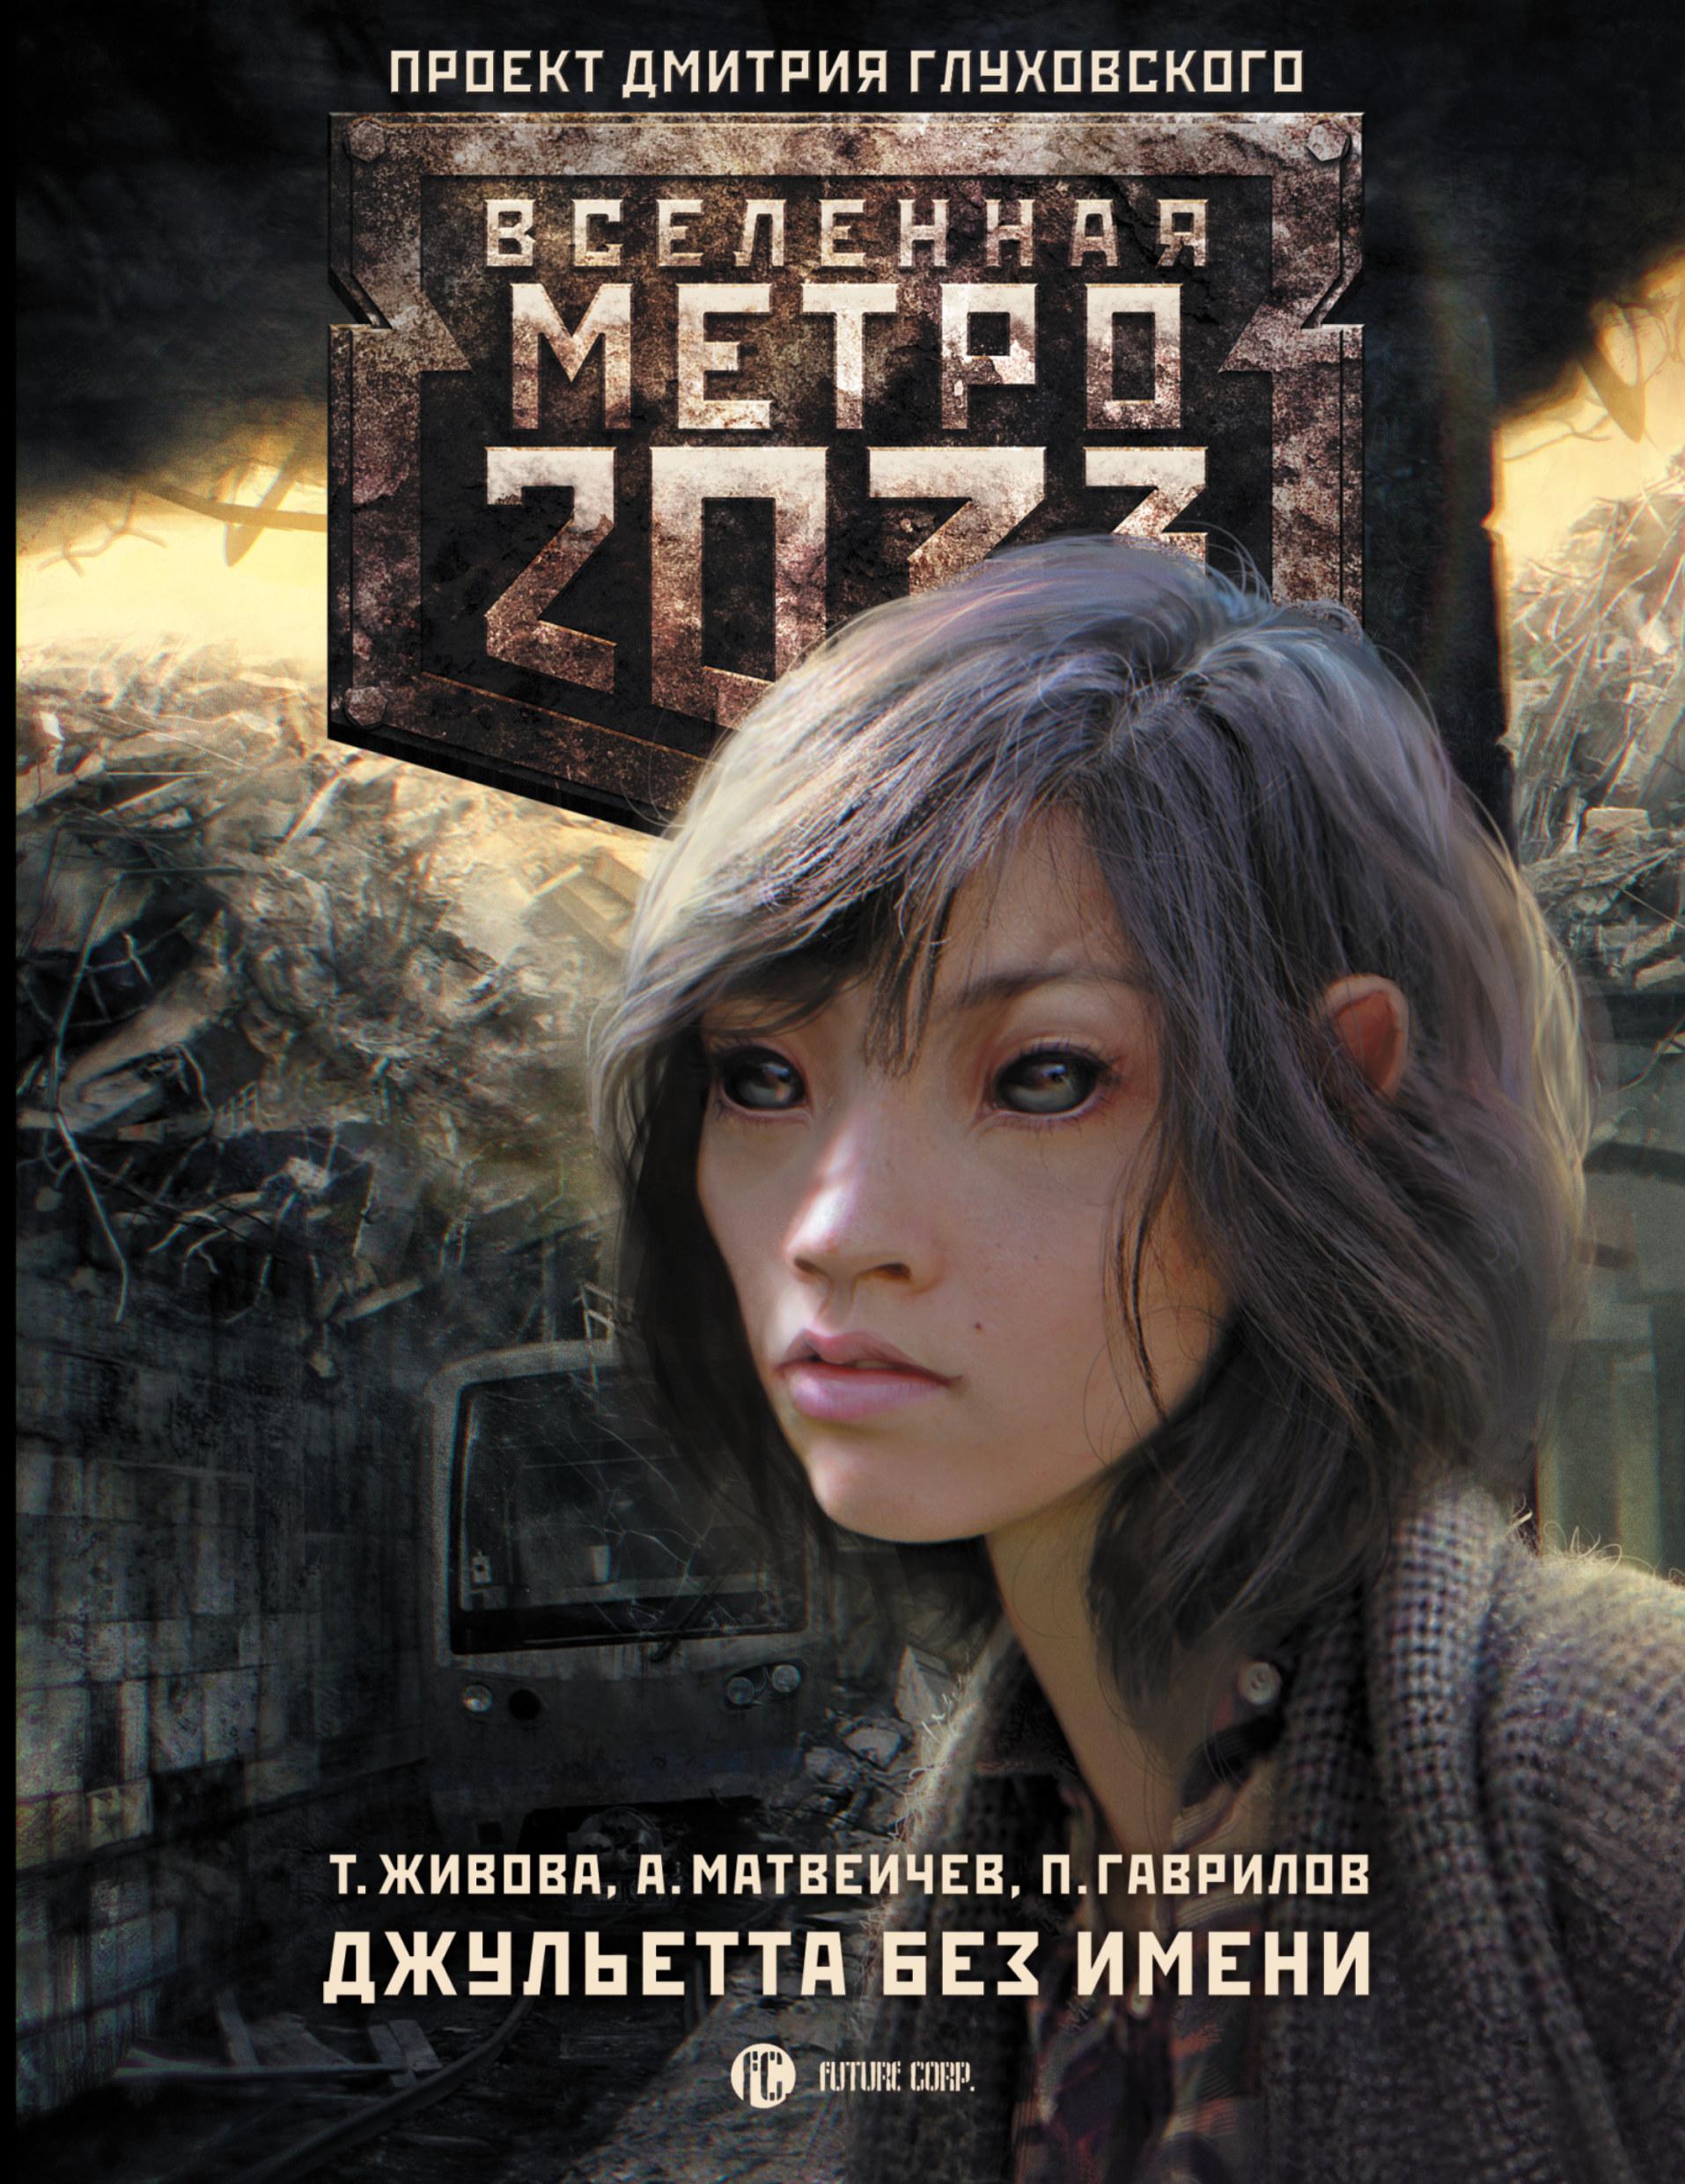 Живова Т.В. Метро 2033: Джульетта без имени аверин н в метро 2033 крым 3 пепел империй фантастический роман